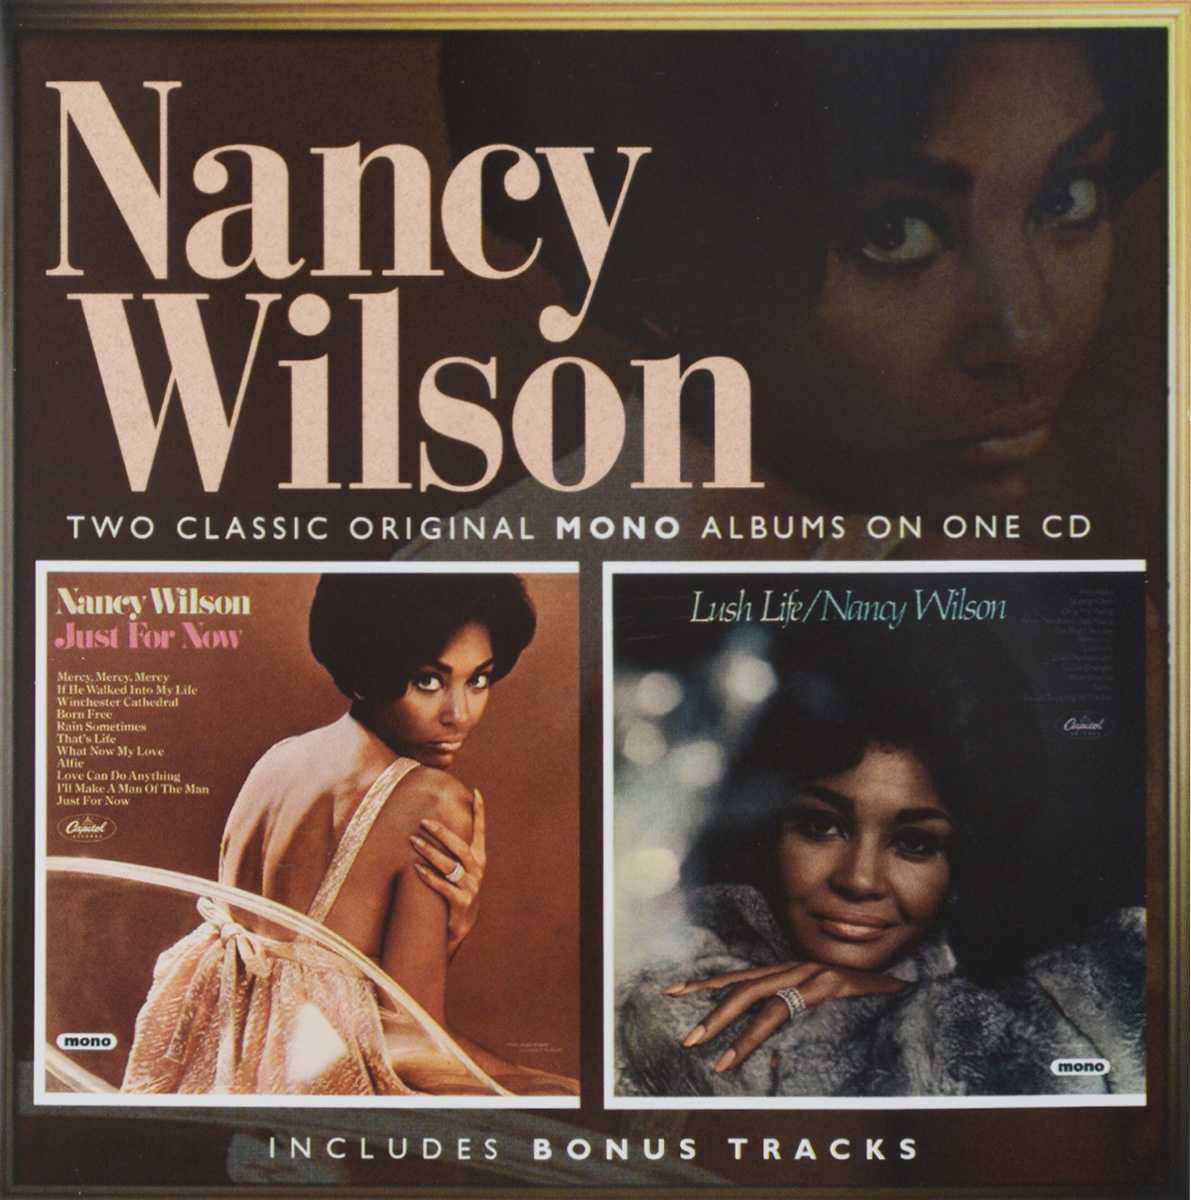 Нэнси Уилсон Nancy Wilson. Just For Now. Lush Life